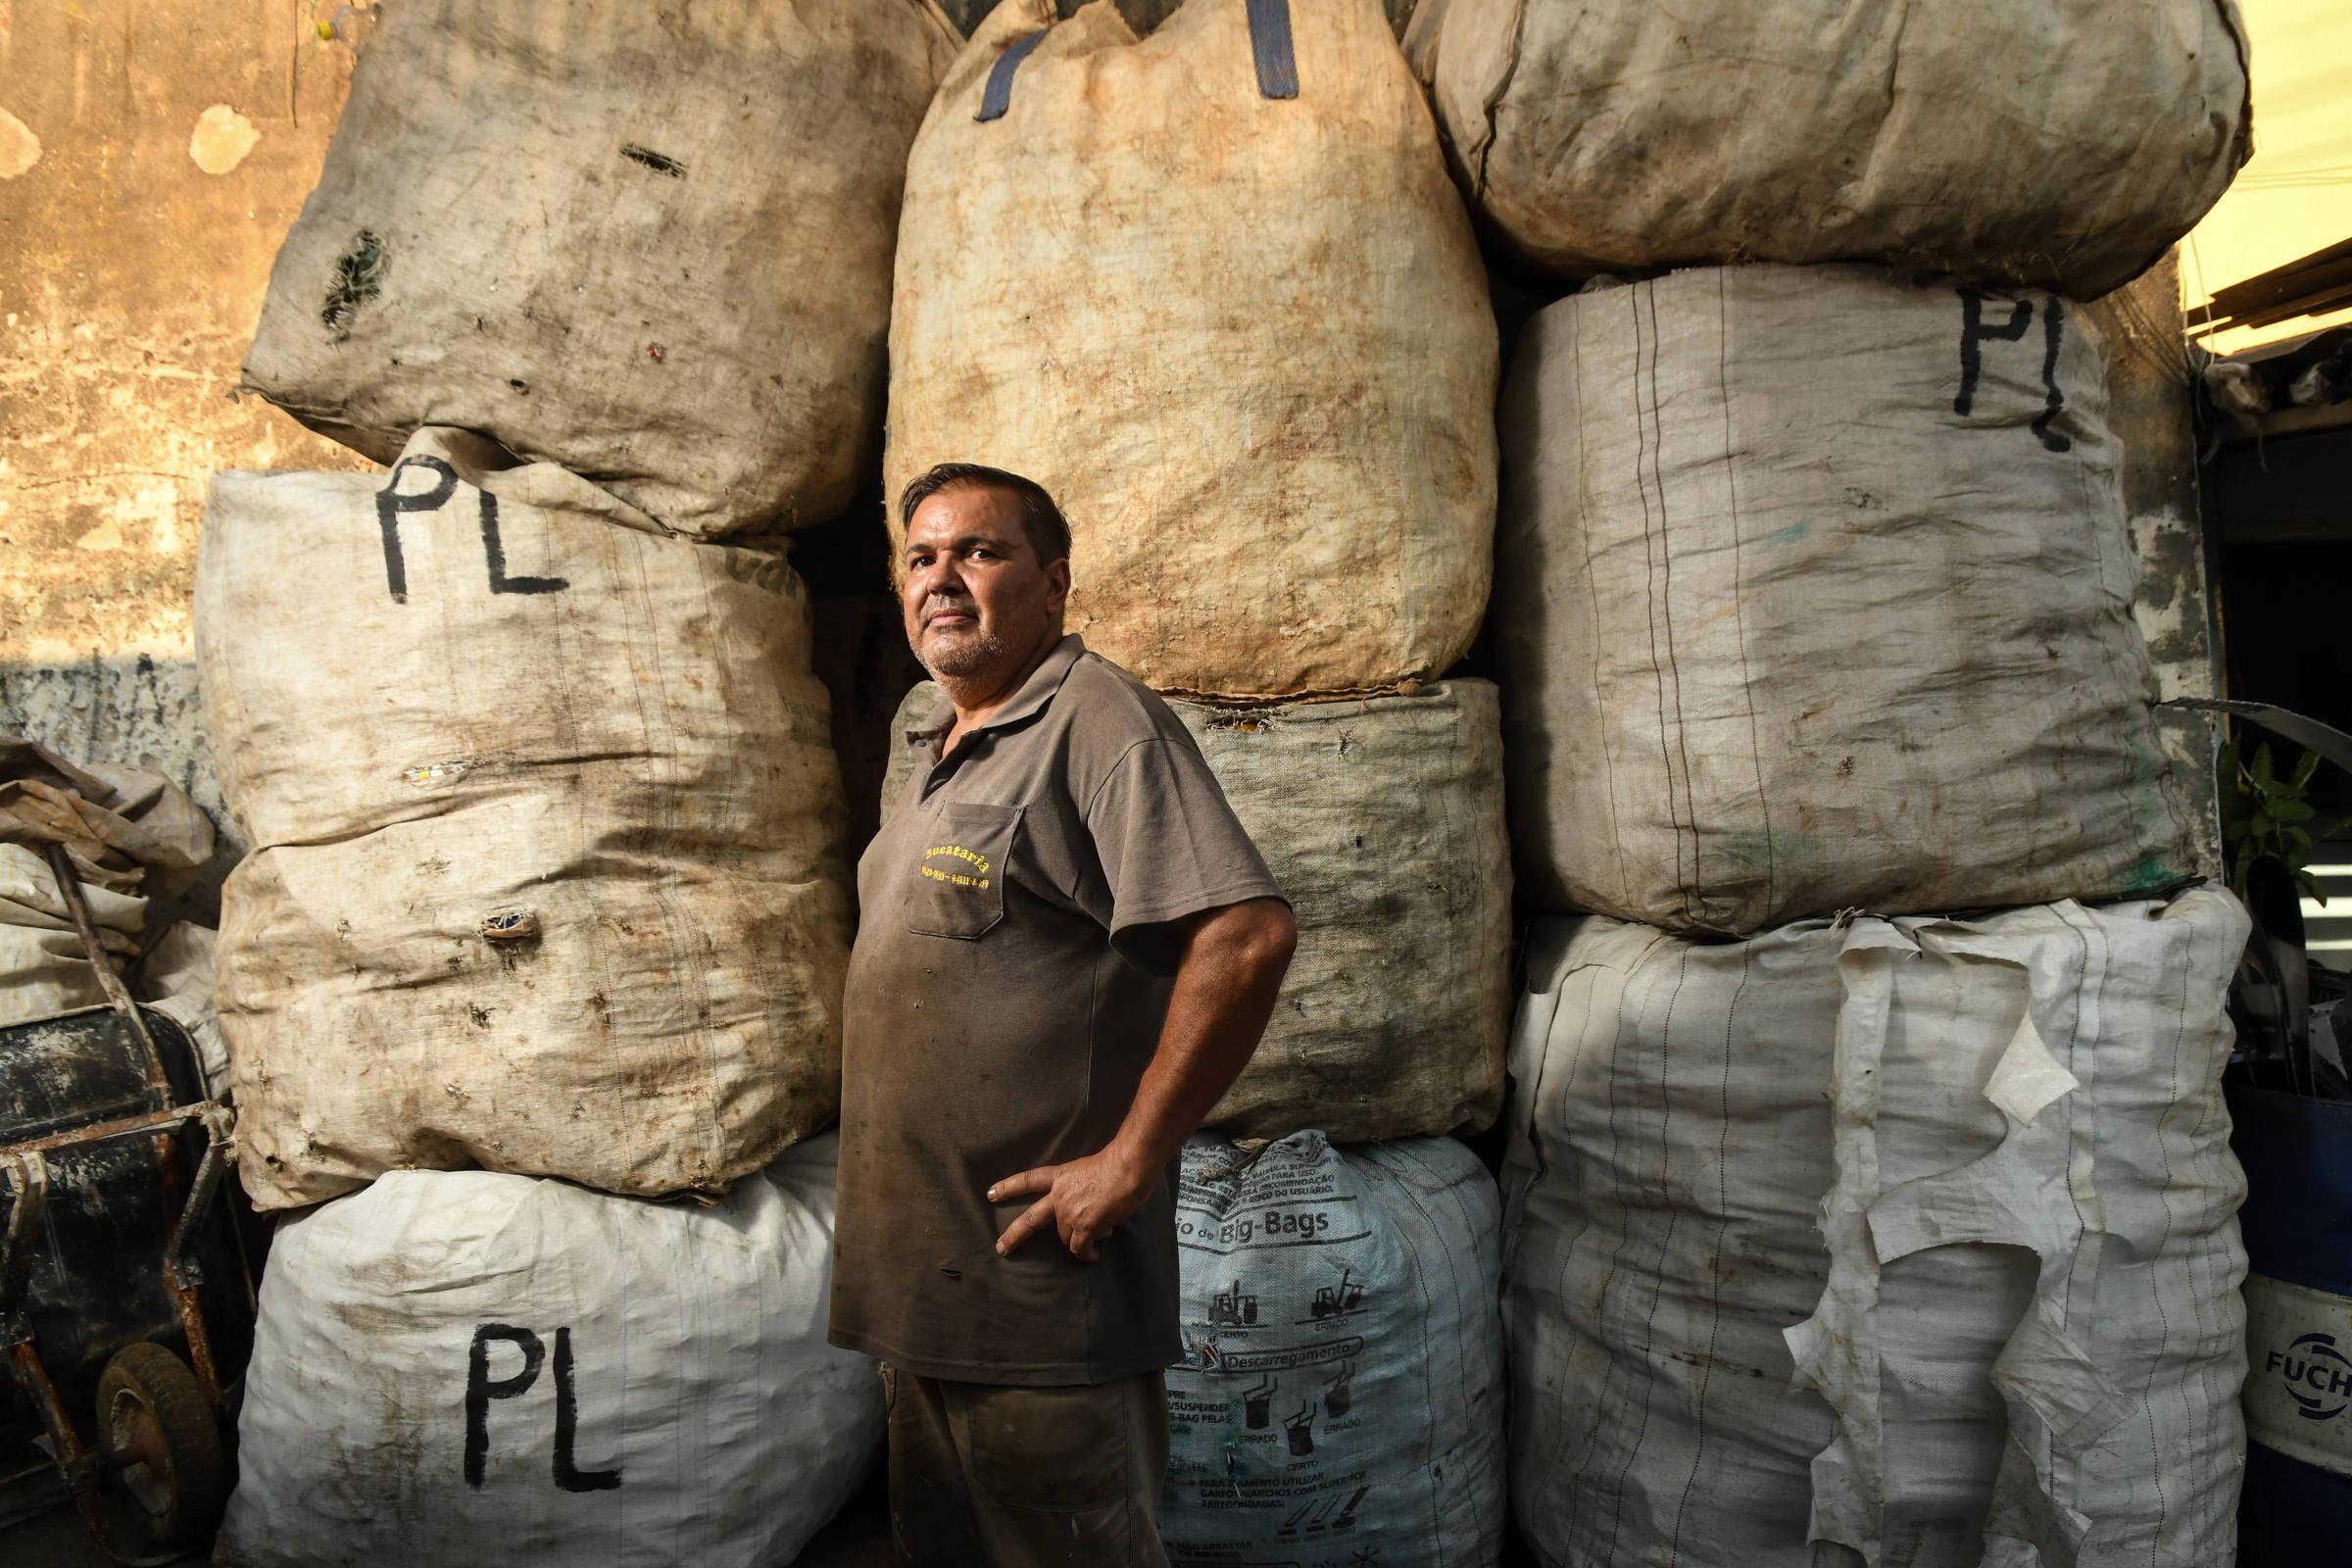 Paulo Pereira, que trabalha comercializando itens de ferro-velho, foi preso por tráfico de drogas e depois absolvido